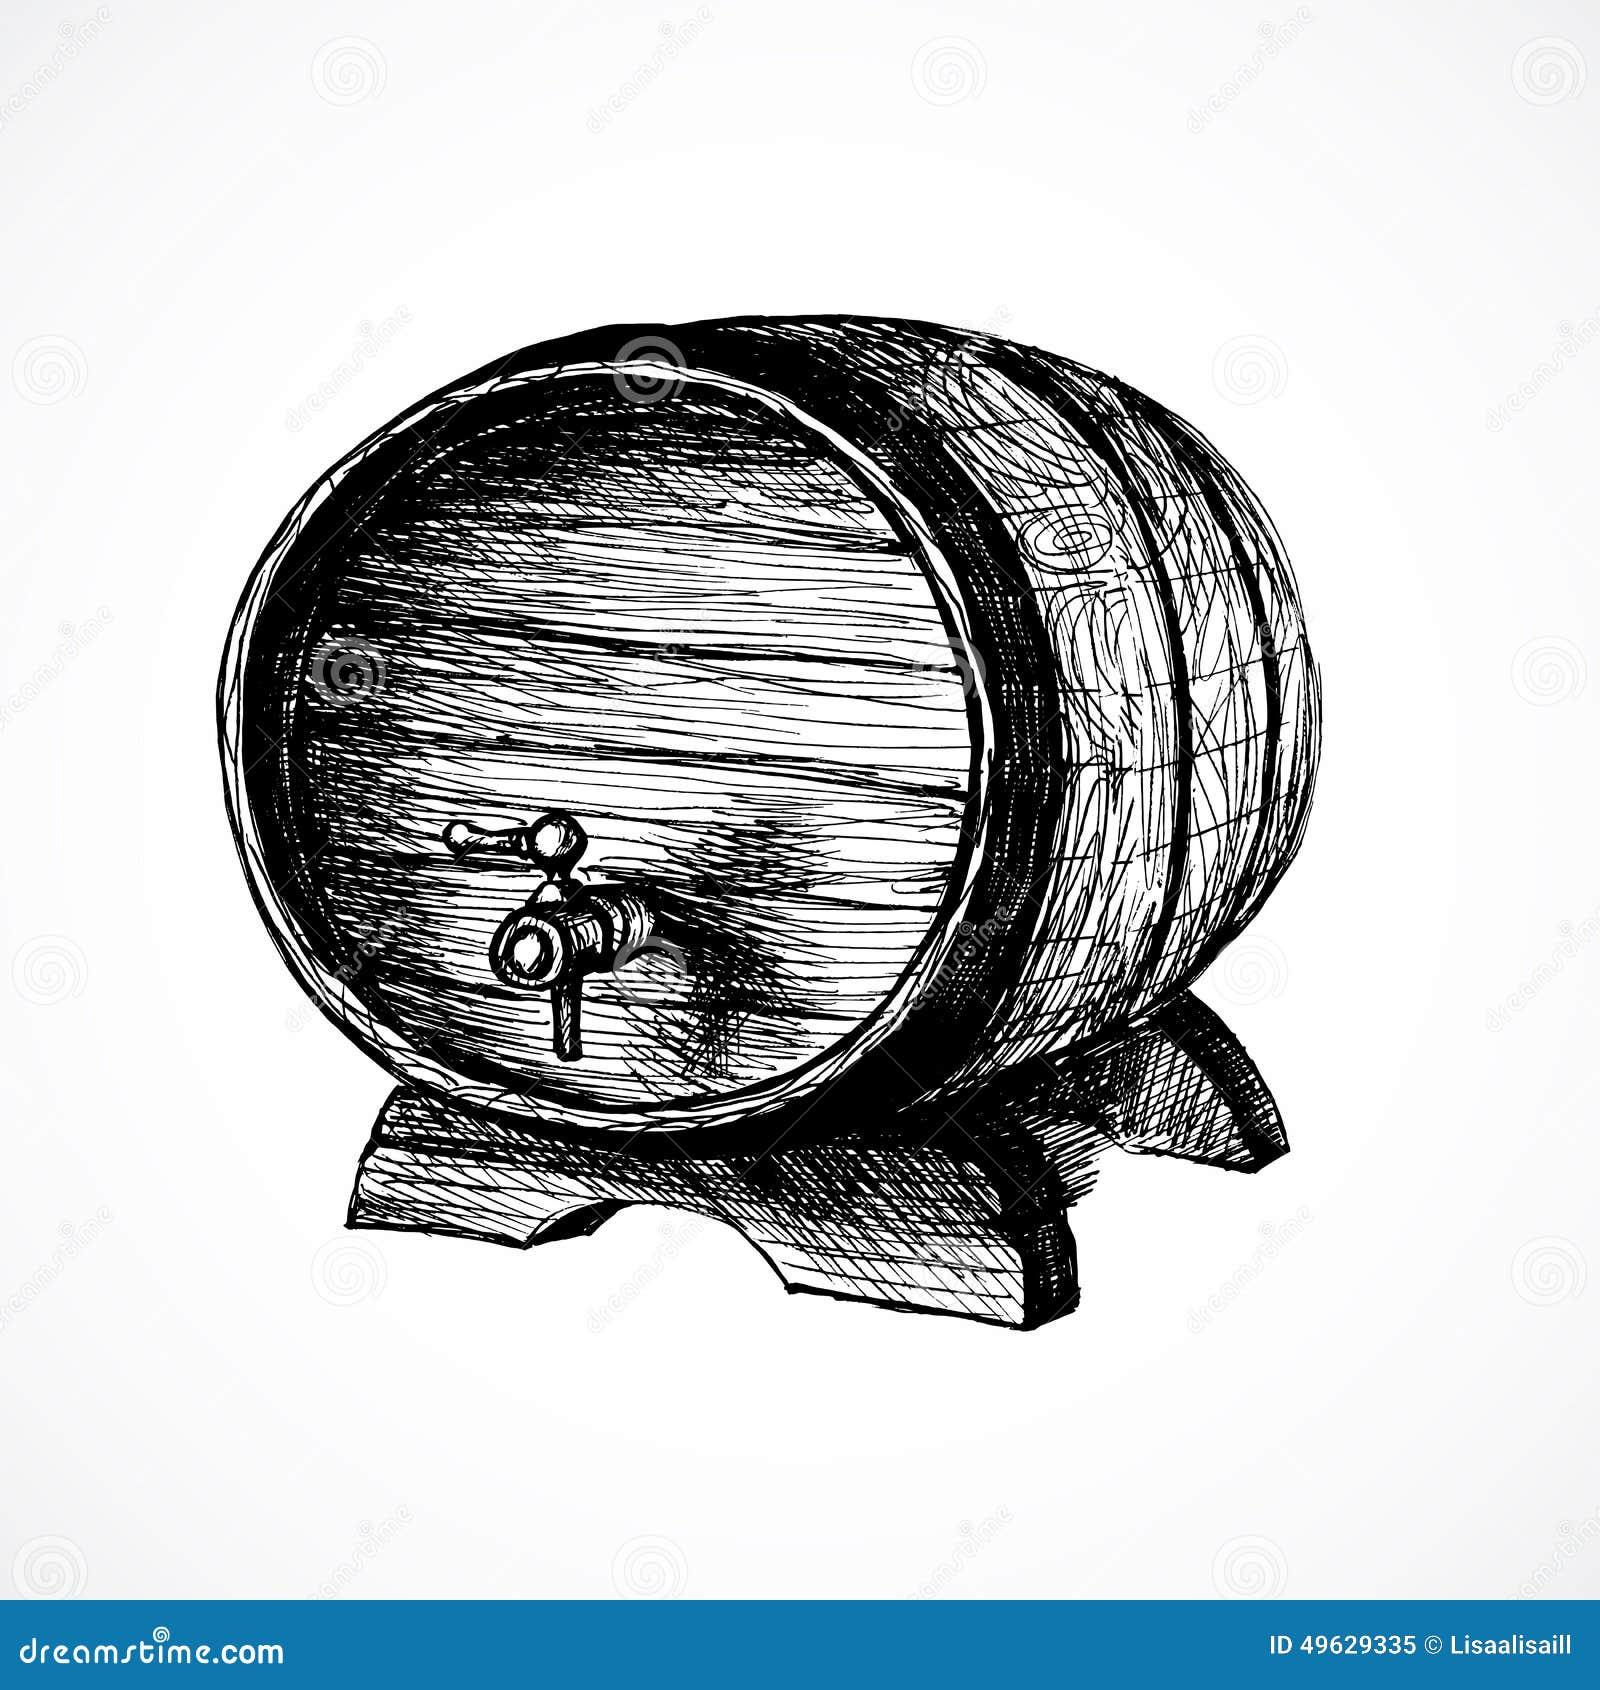 Wine Cask Sketch And Vintage Illustration Stock Vector ...